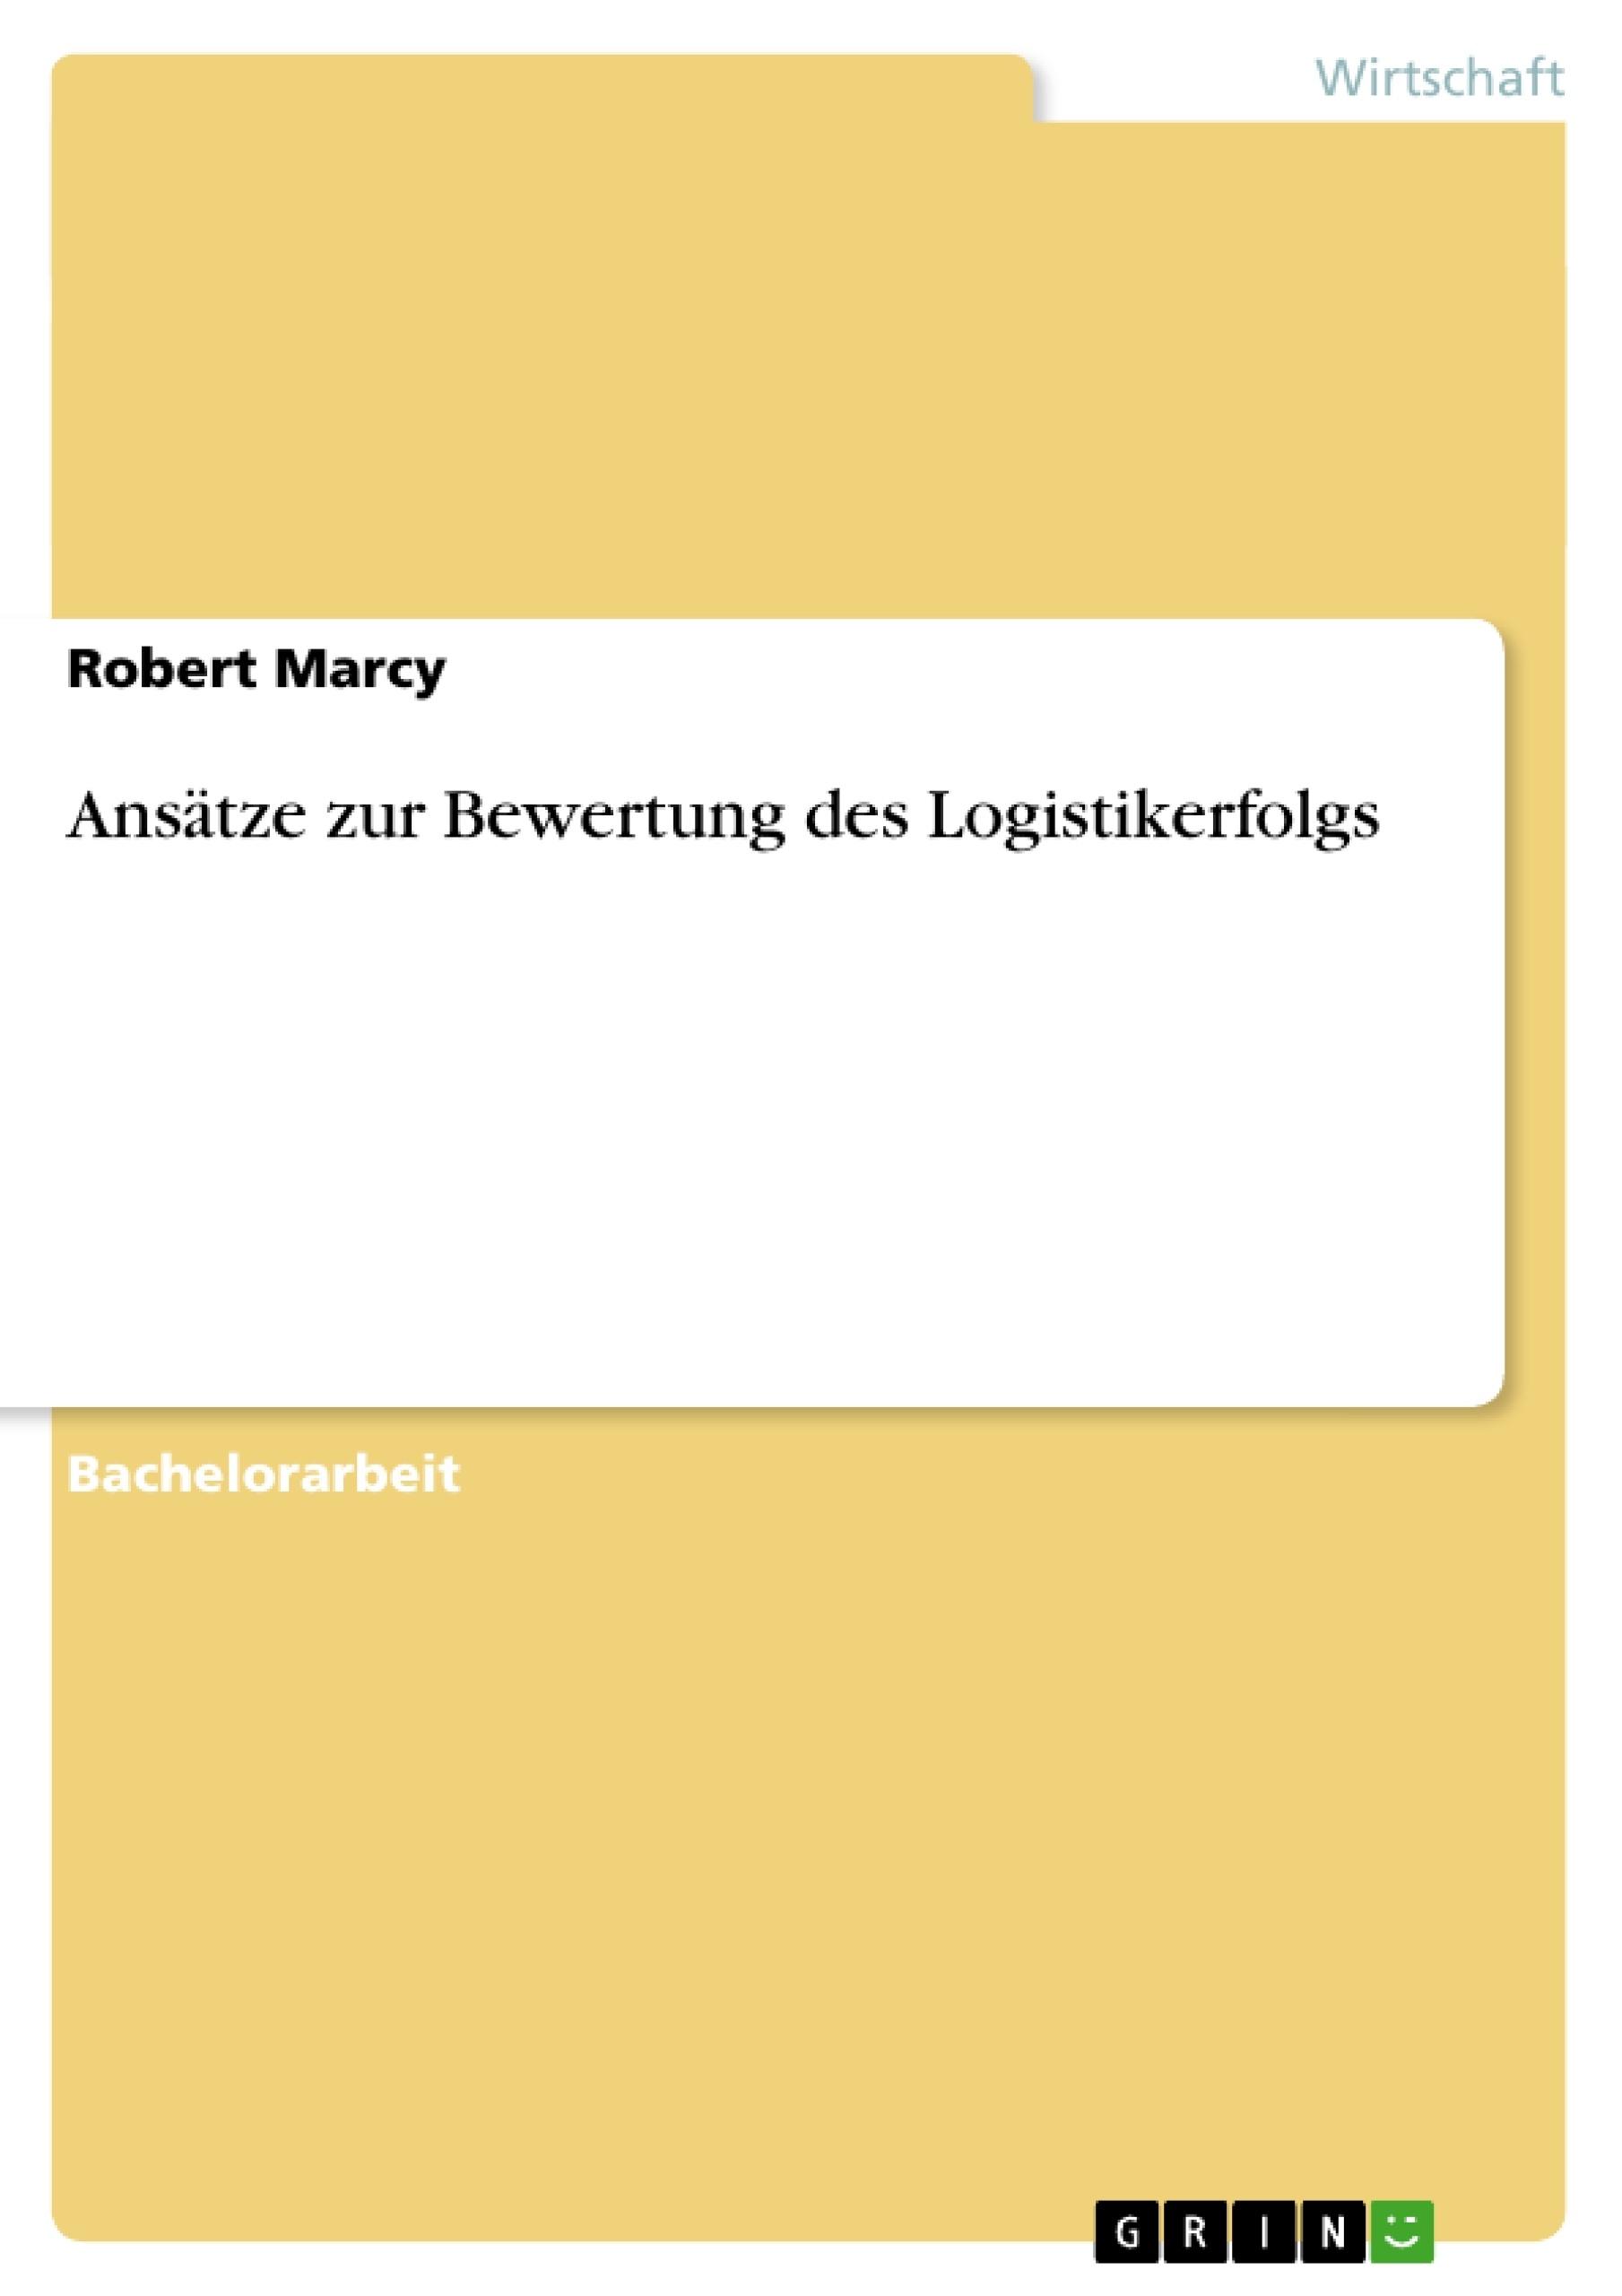 Titel: Ansätze zur Bewertung des Logistikerfolgs